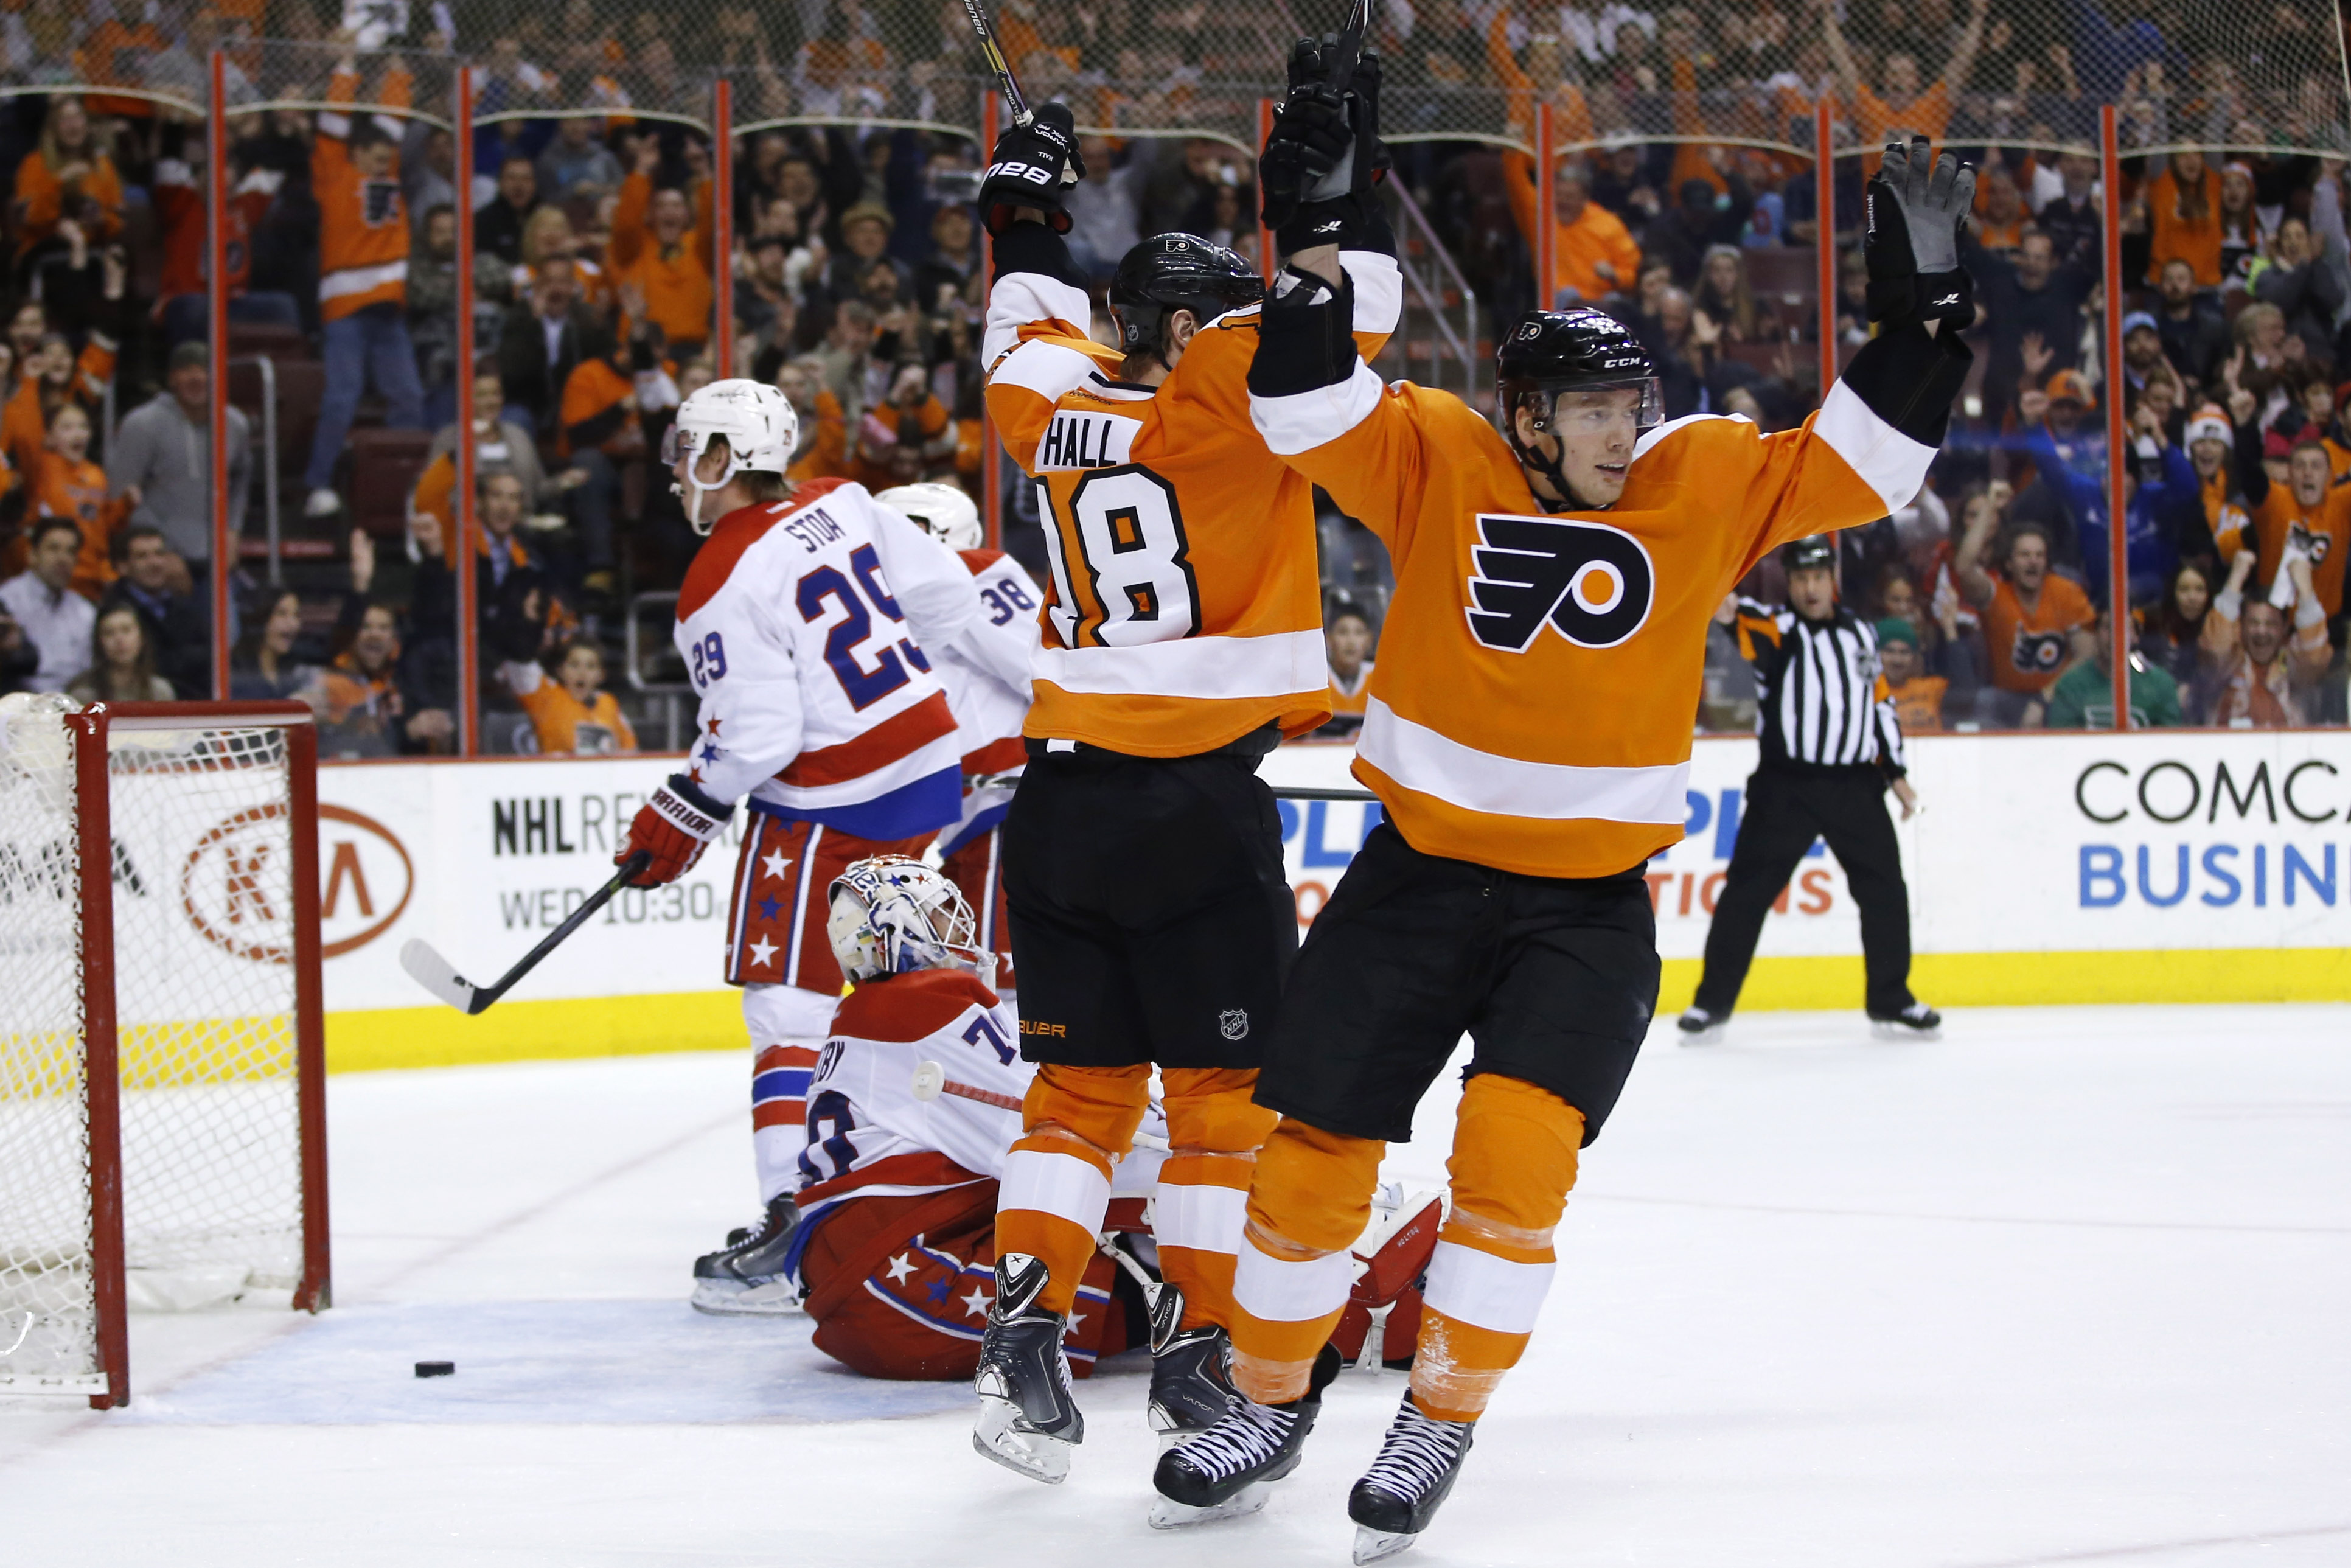 Giroux, Voracek lead Flyers past Capitals, 6-4